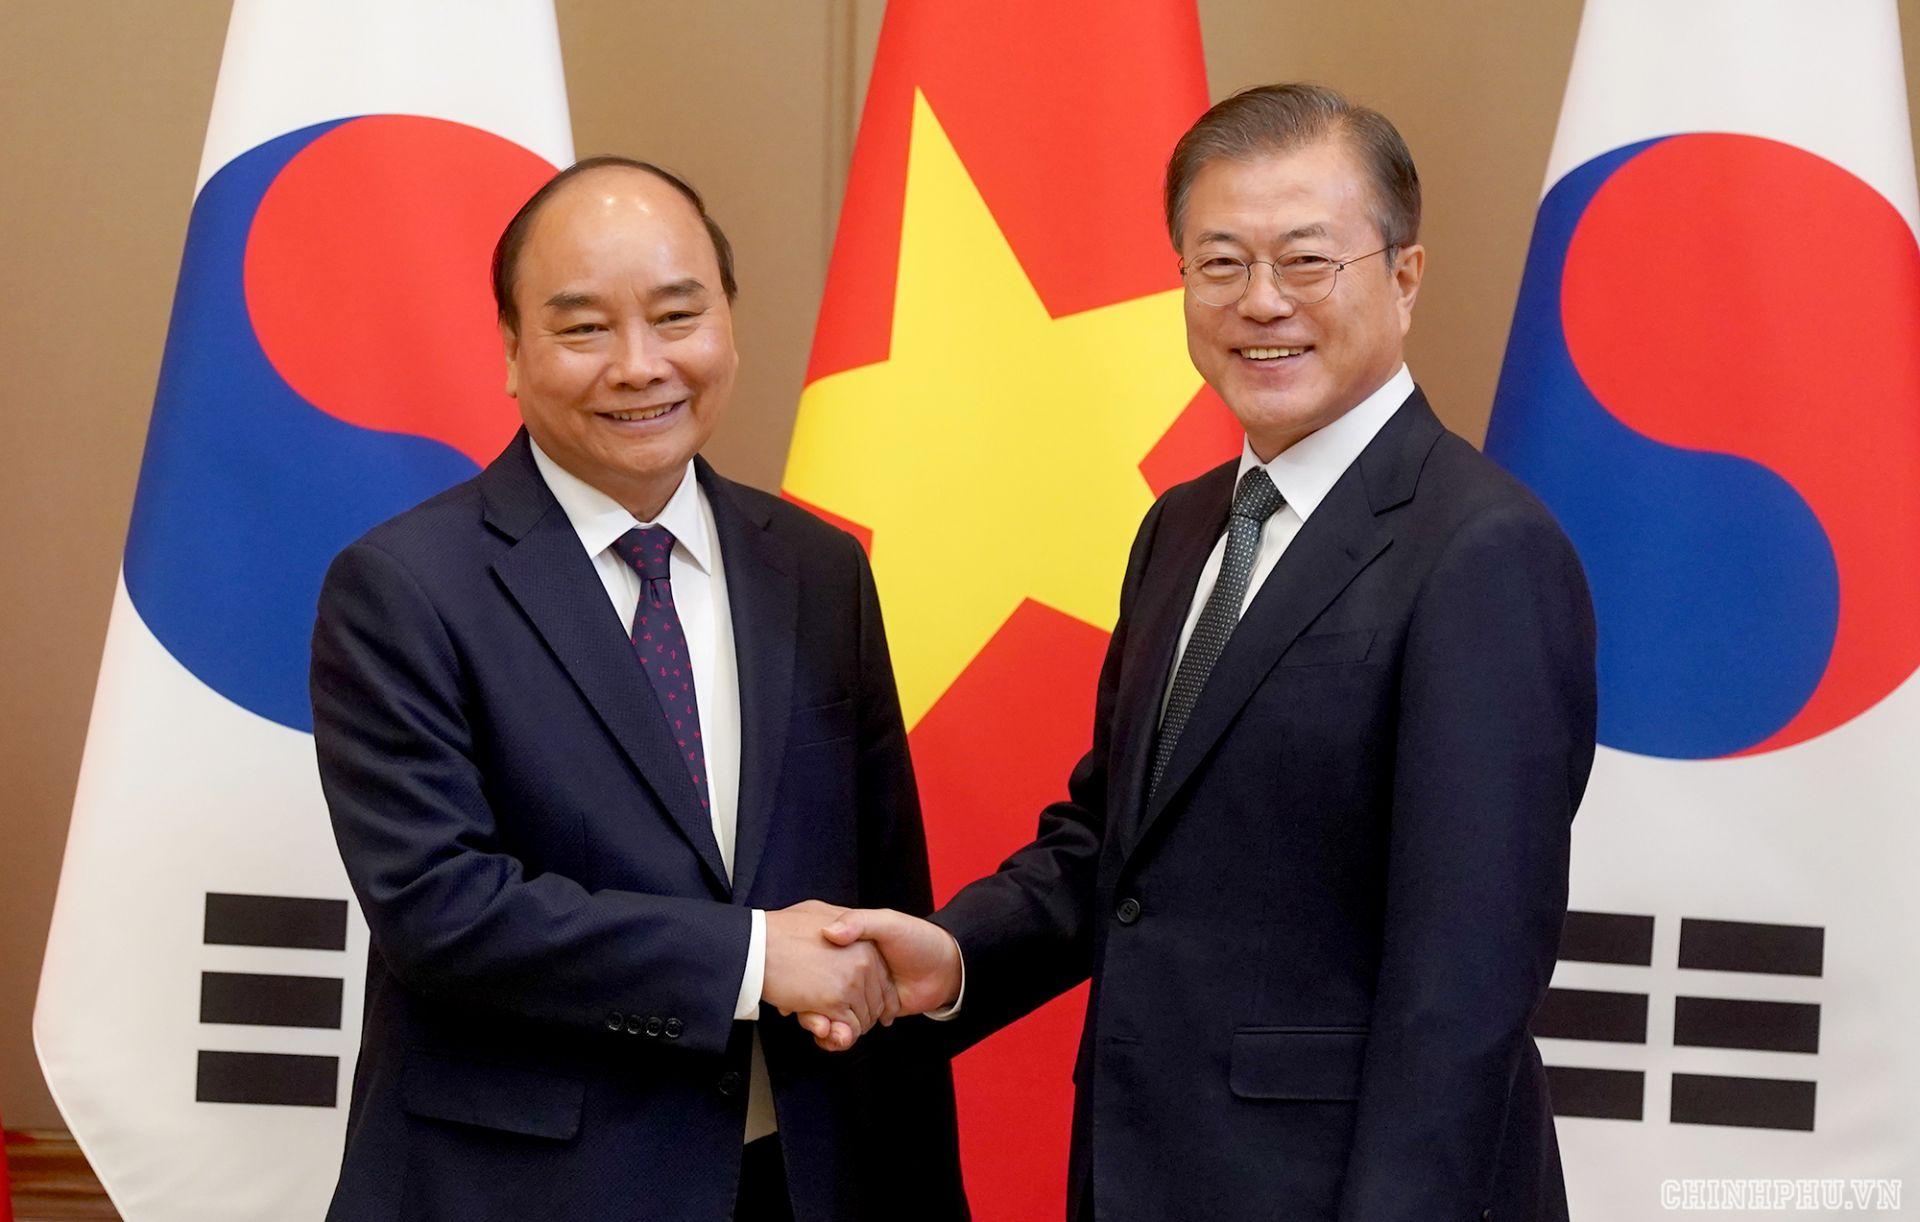 Việt Nam Coi trọng quan hệ Đối tác hợp tác chiến lược Việt Nam-Hàn Quốc